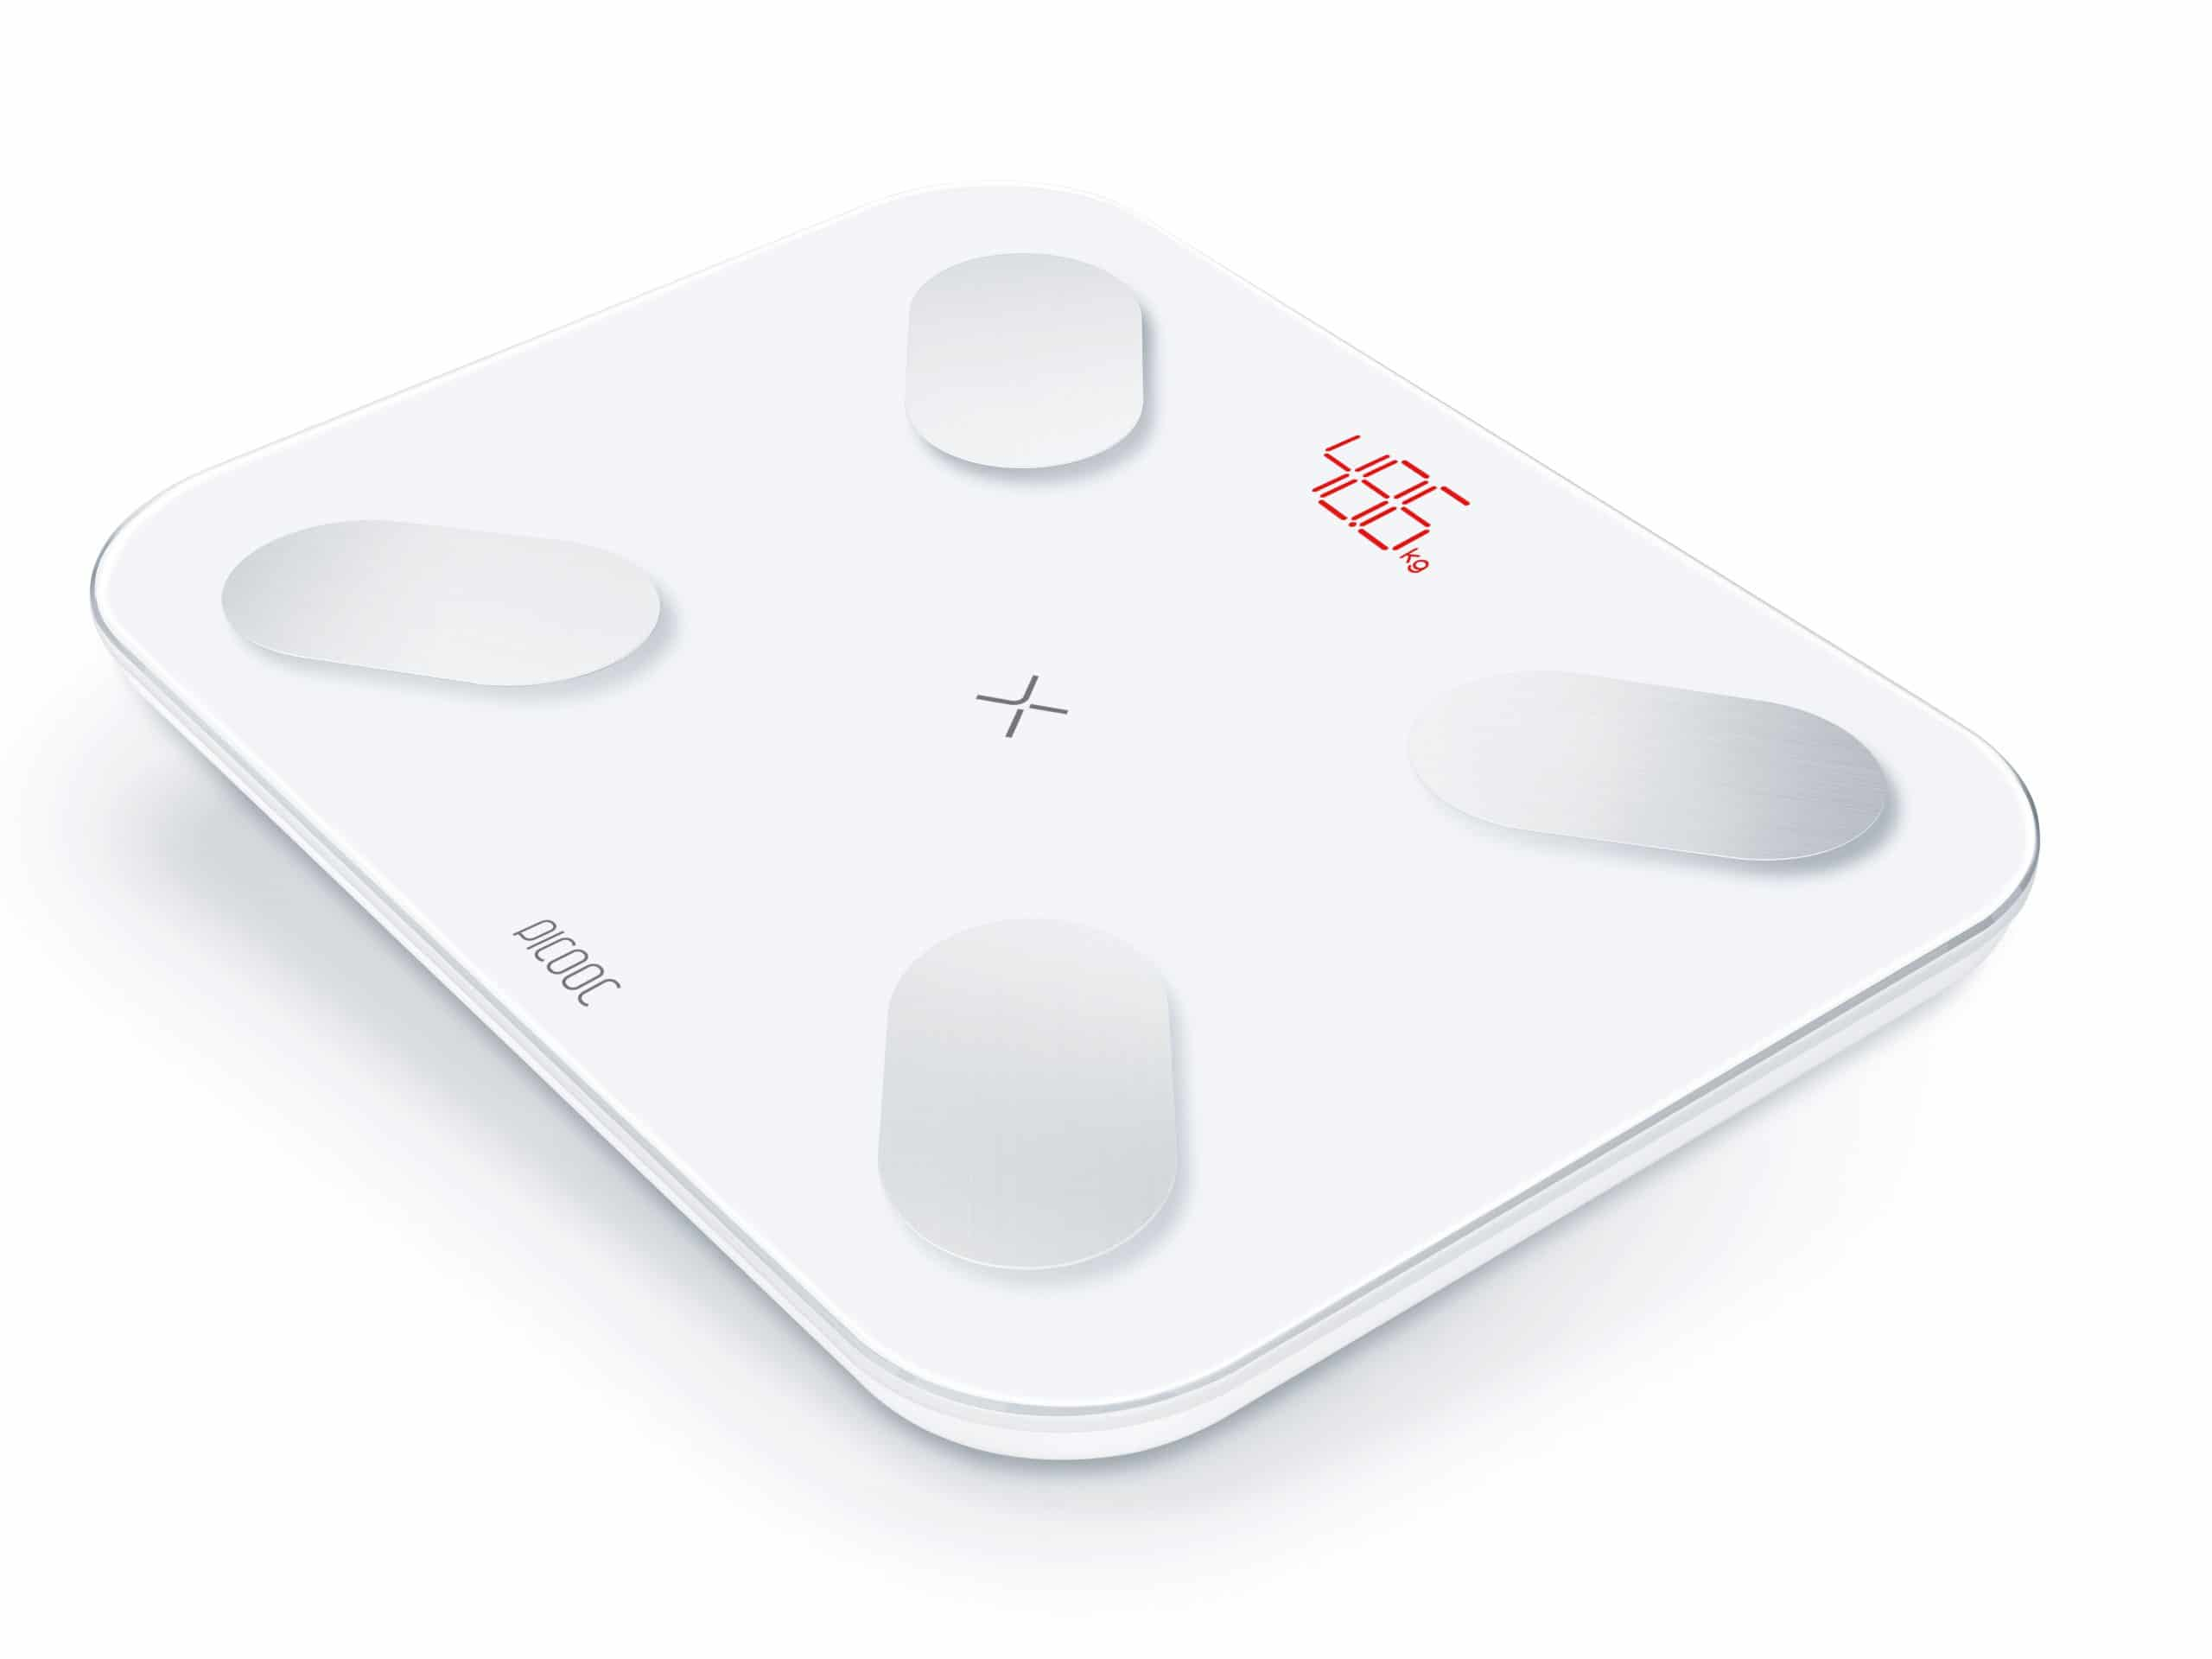 Cân sức khỏe thông minh Picooc S1 Pro